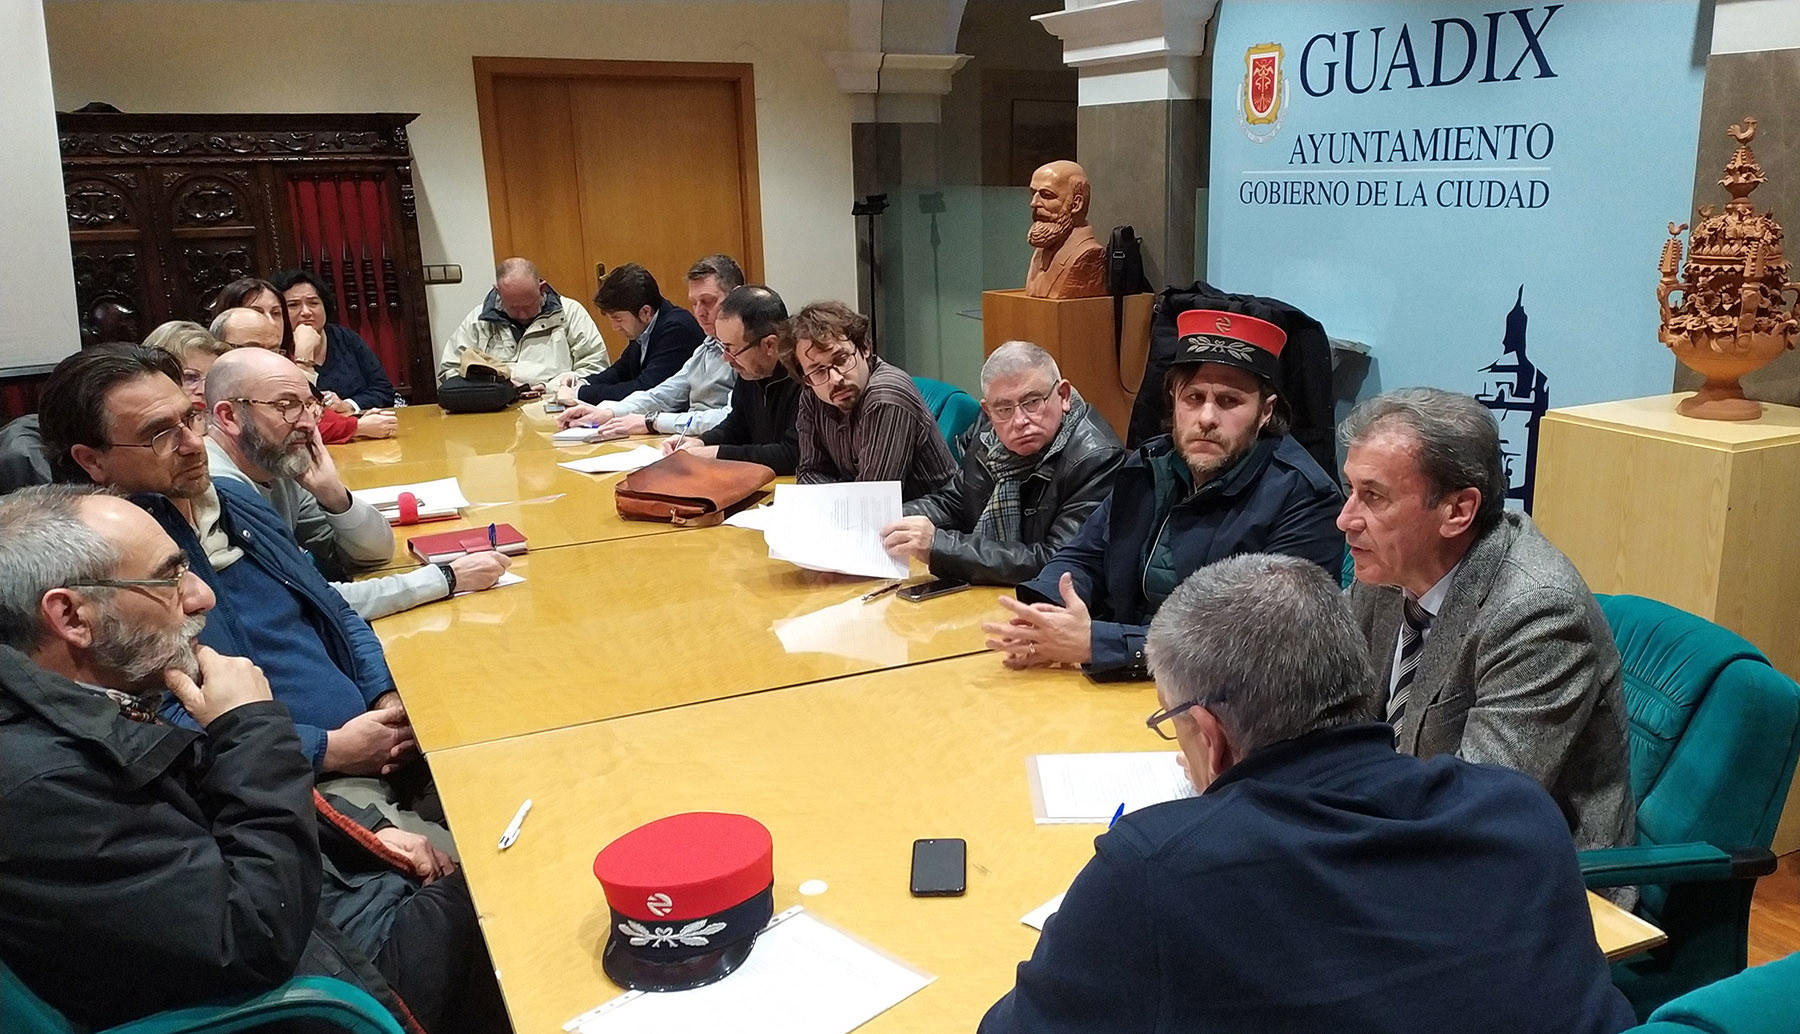 Comarca de Guadix por el Tren propone la ejecución de un proyecto piloto de gestión del ferrocarril para Andalucía Oriental